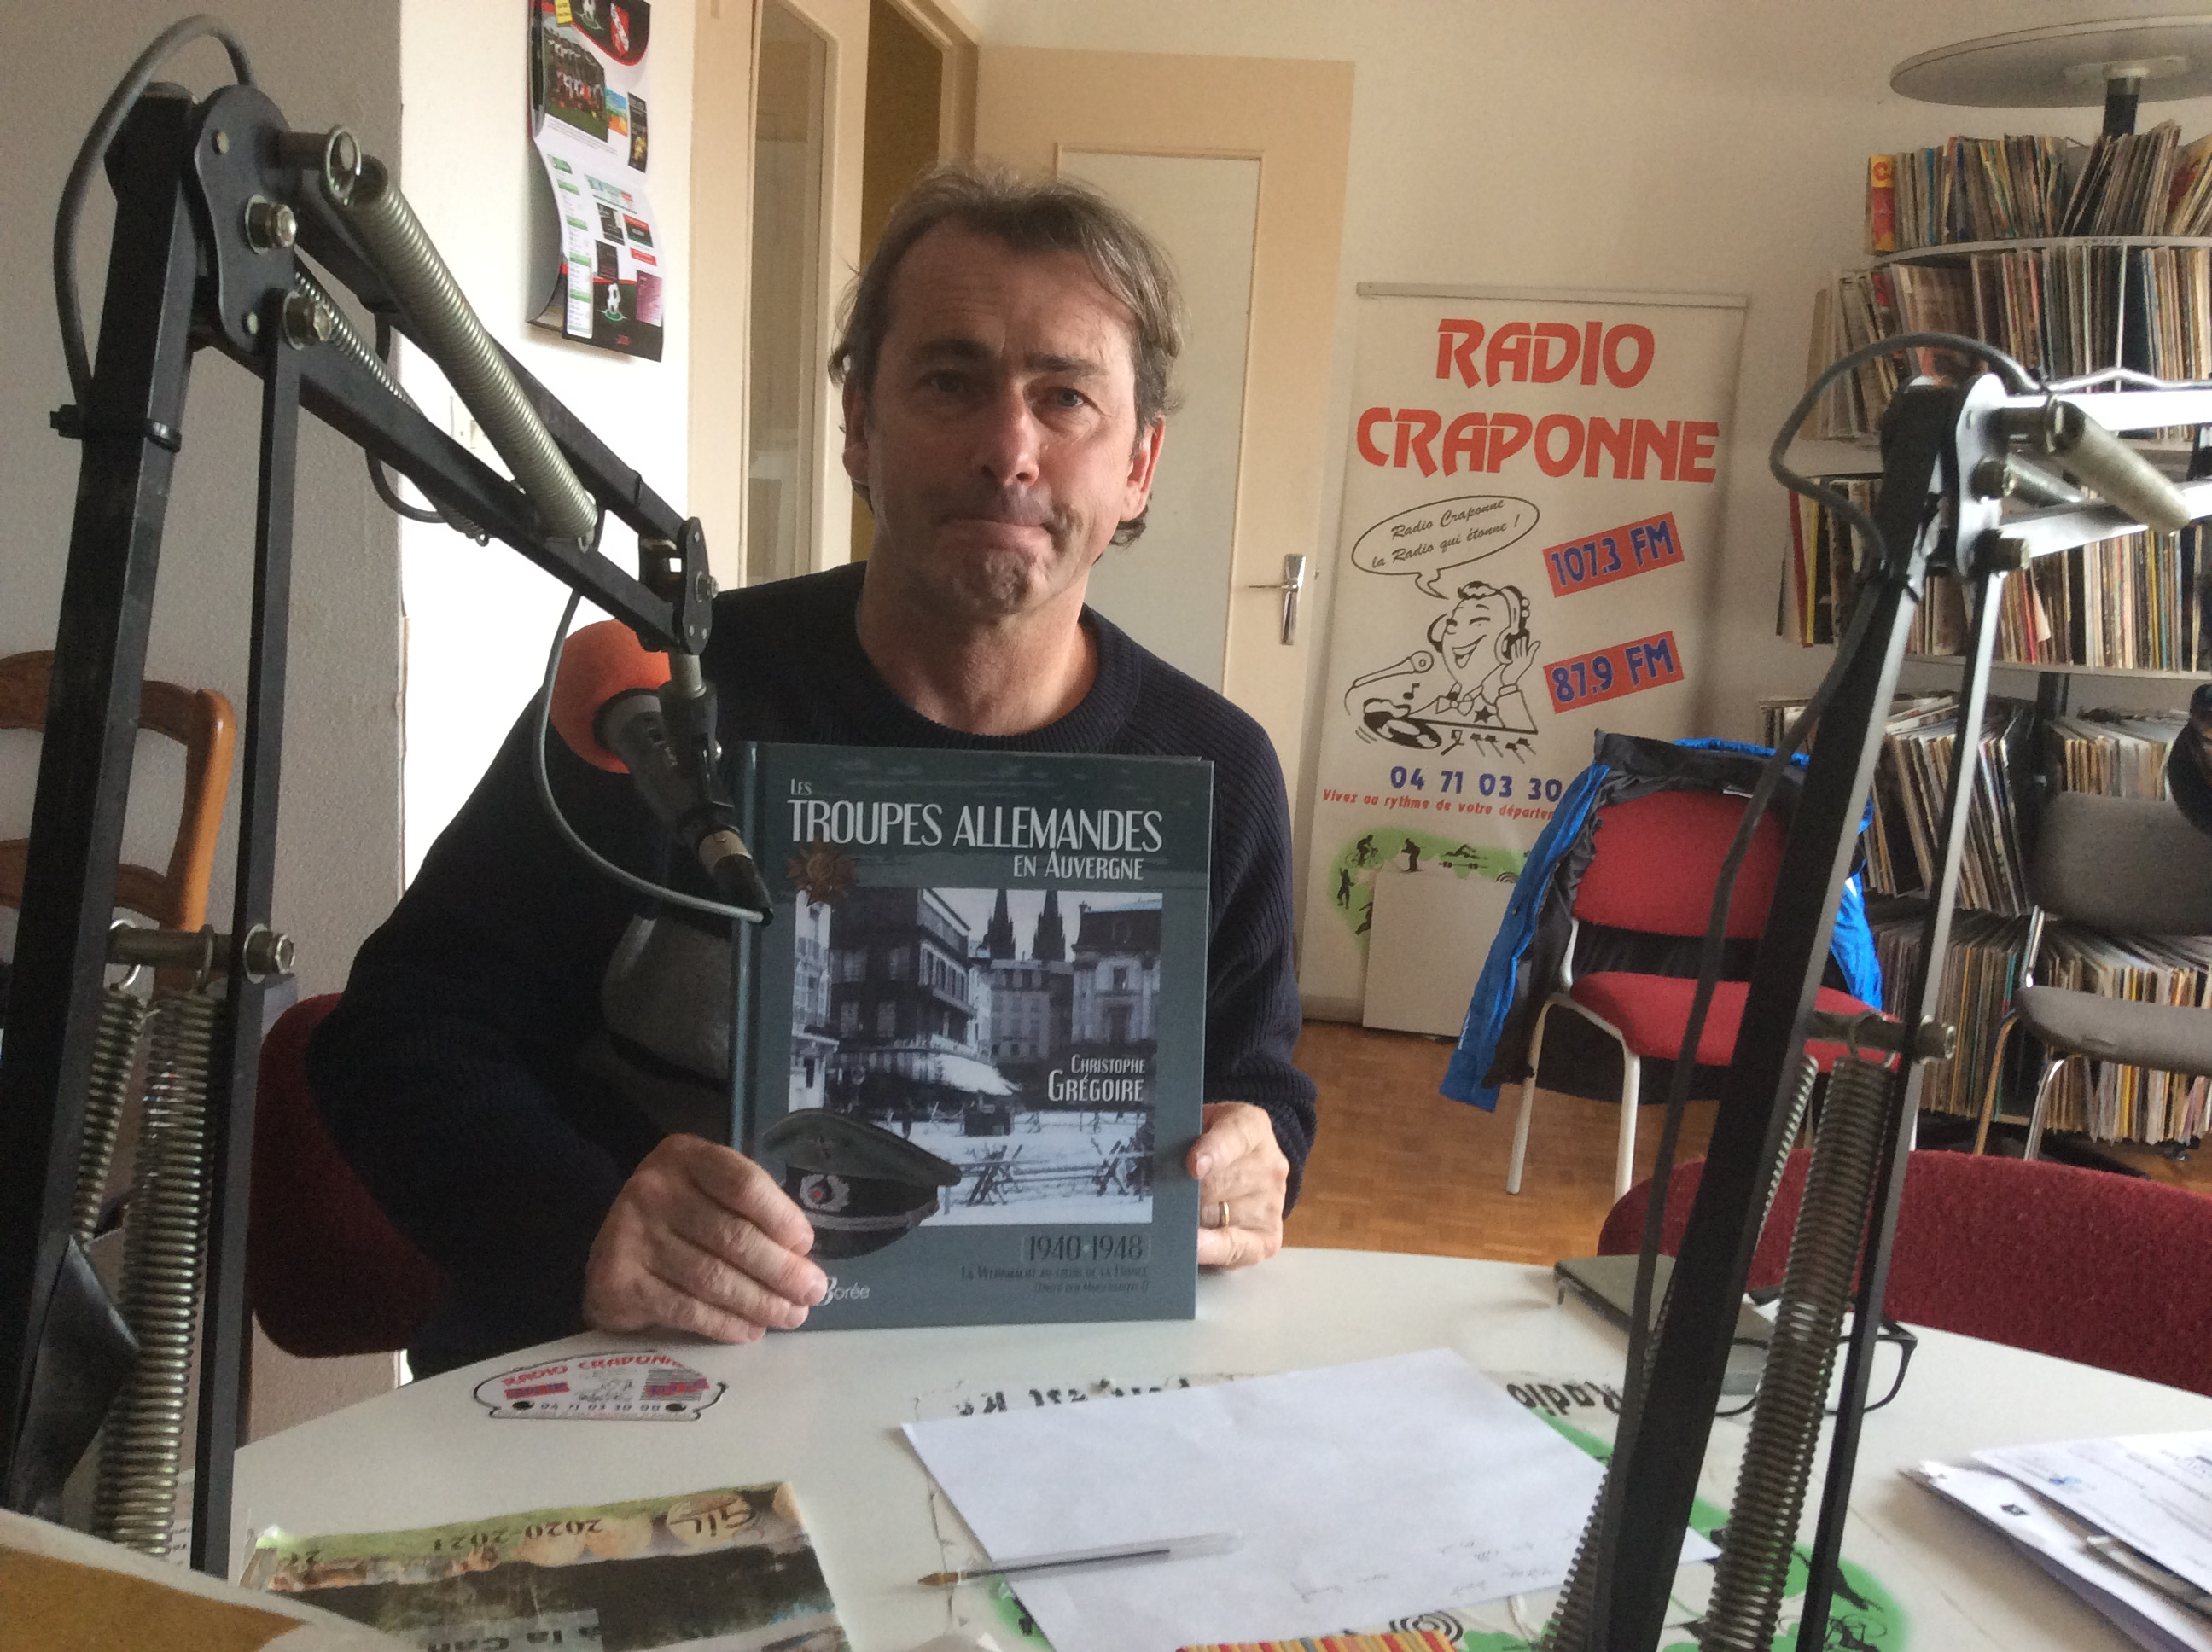 invite du jeudi Christophe Gregoire pour son livre «les troupes allemandes en Auvergne» aux éditions de borée 071120